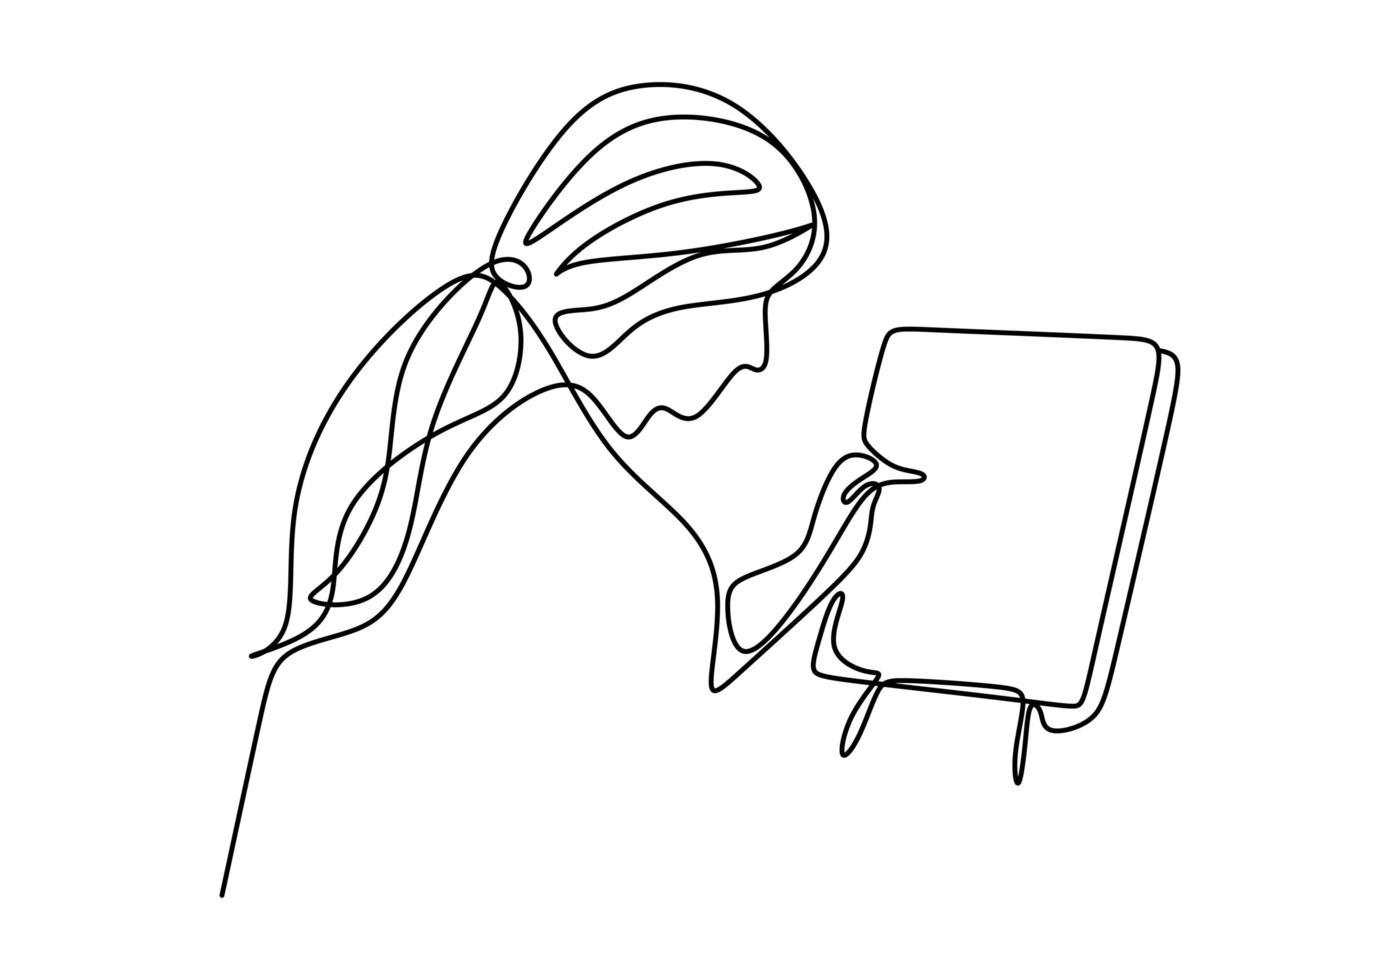 een doorlopende enkele tekening. een meisje schilderen op canvas, vector illustratie, geïsoleerd op een witte achtergrond.